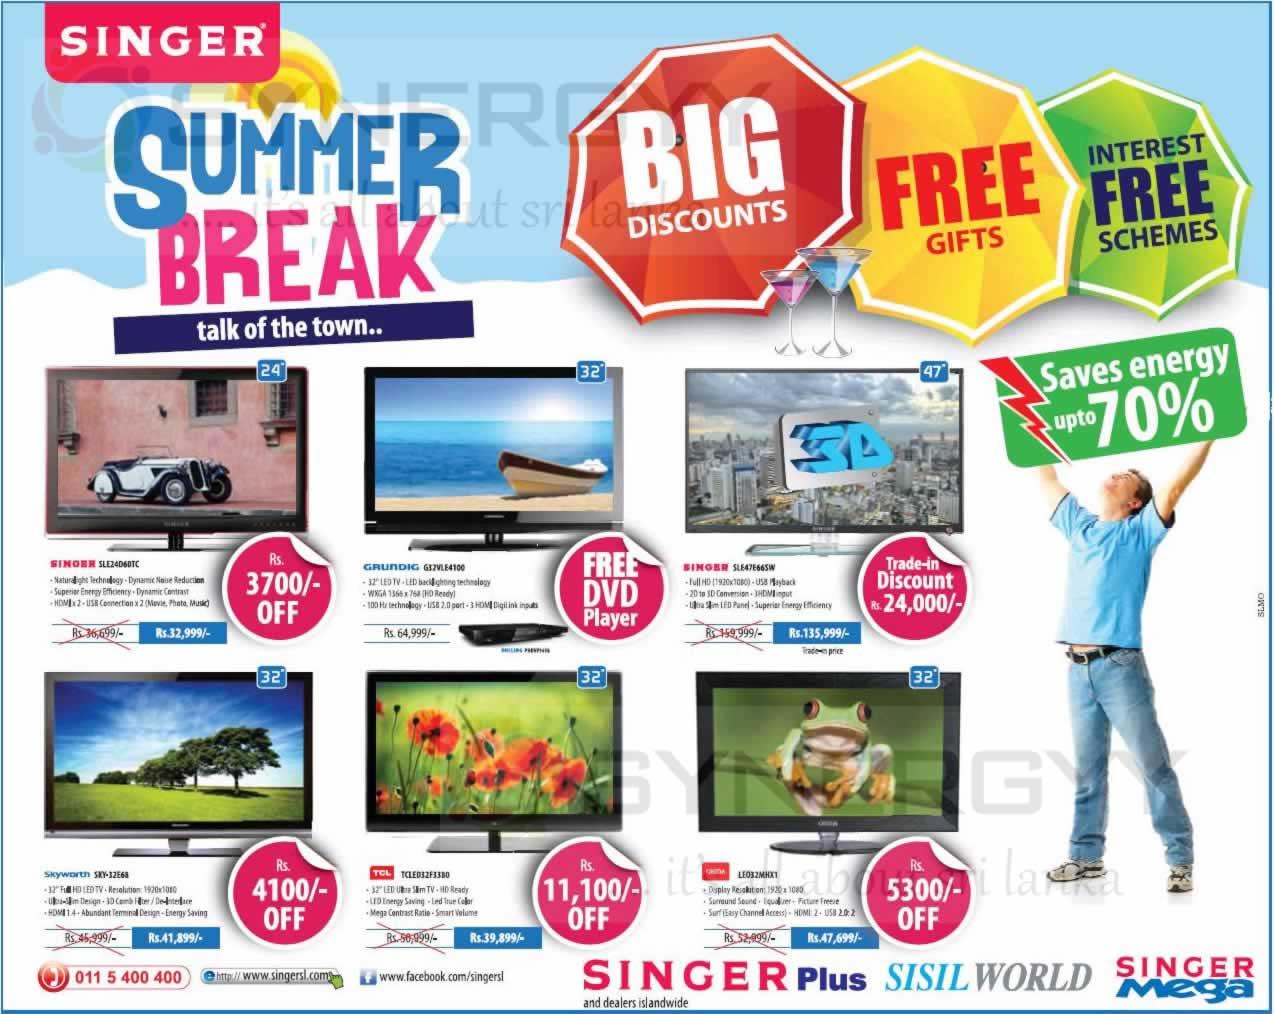 Singer Sri Lanka Summer Break Promotion For Singer Tv